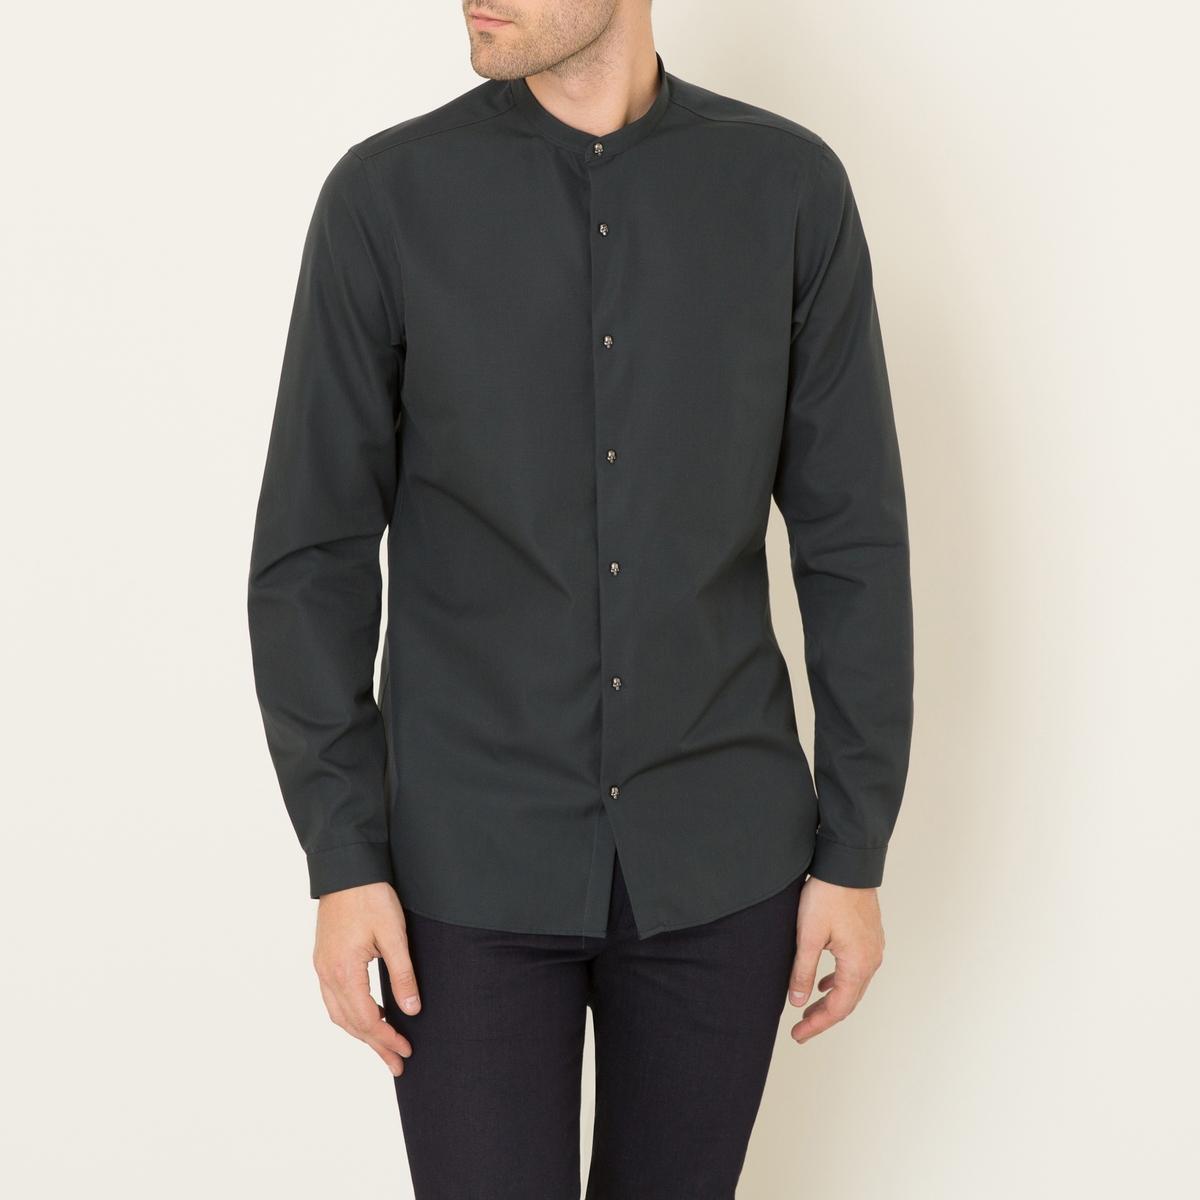 Рубашка однотоннаяСостав и описание :Материал : 100% хлопок переплетения армюрМарка : THE KOOPLES<br><br>Цвет: хаки